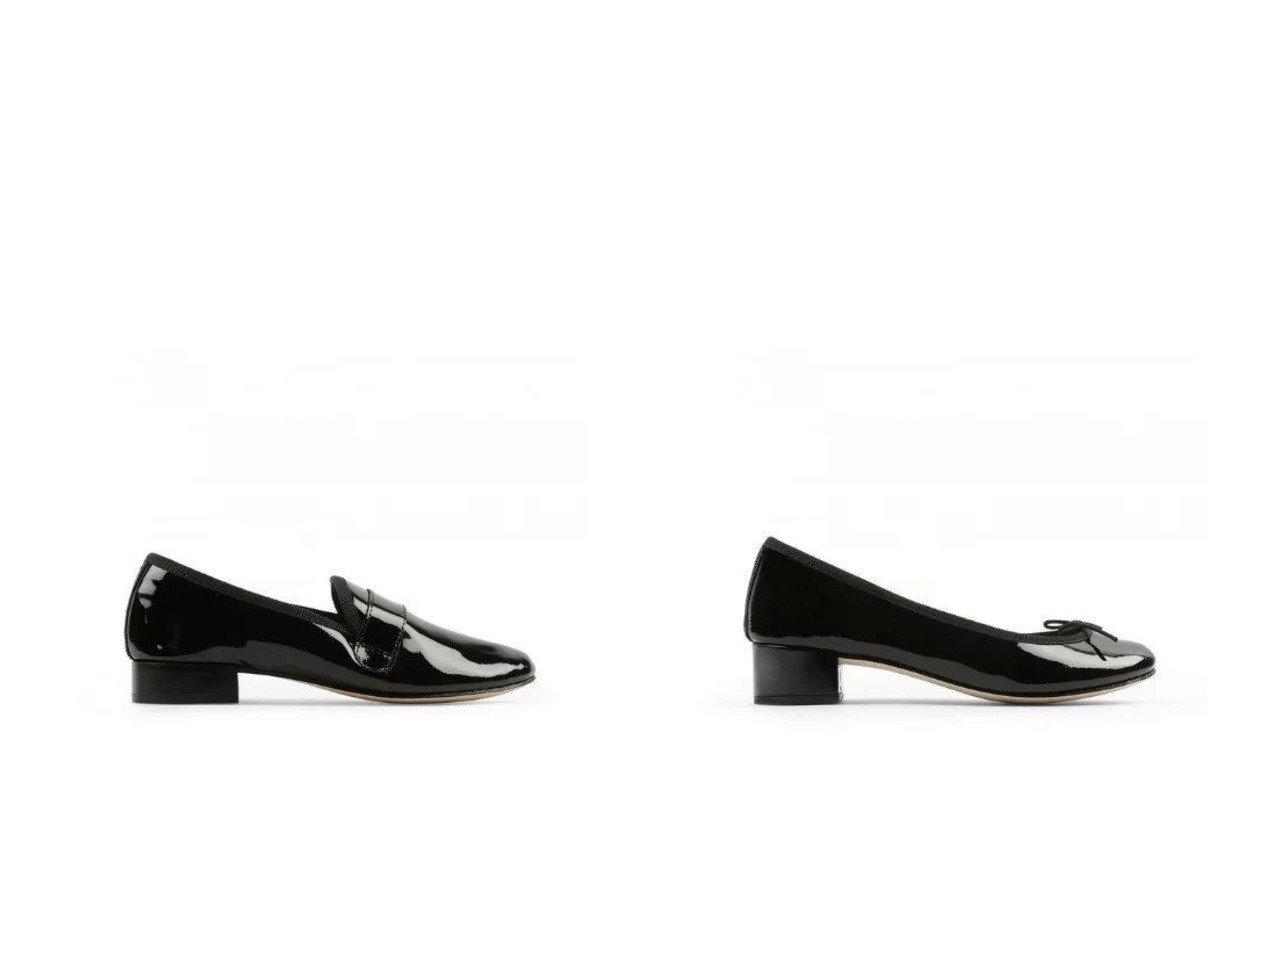 【repetto/レペット】のMichael Loafers&Camille Ballerinas 【シューズ・靴】おすすめ!人気トレンド・レディースファッション通販 おすすめで人気の流行・トレンド、ファッションの通販商品 インテリア・家具・メンズファッション・キッズファッション・レディースファッション・服の通販 founy(ファニー) https://founy.com/ ファッション Fashion レディースファッション WOMEN インソール キャンバス シューズ フラット バレエ ミドル |ID:crp329100000046507